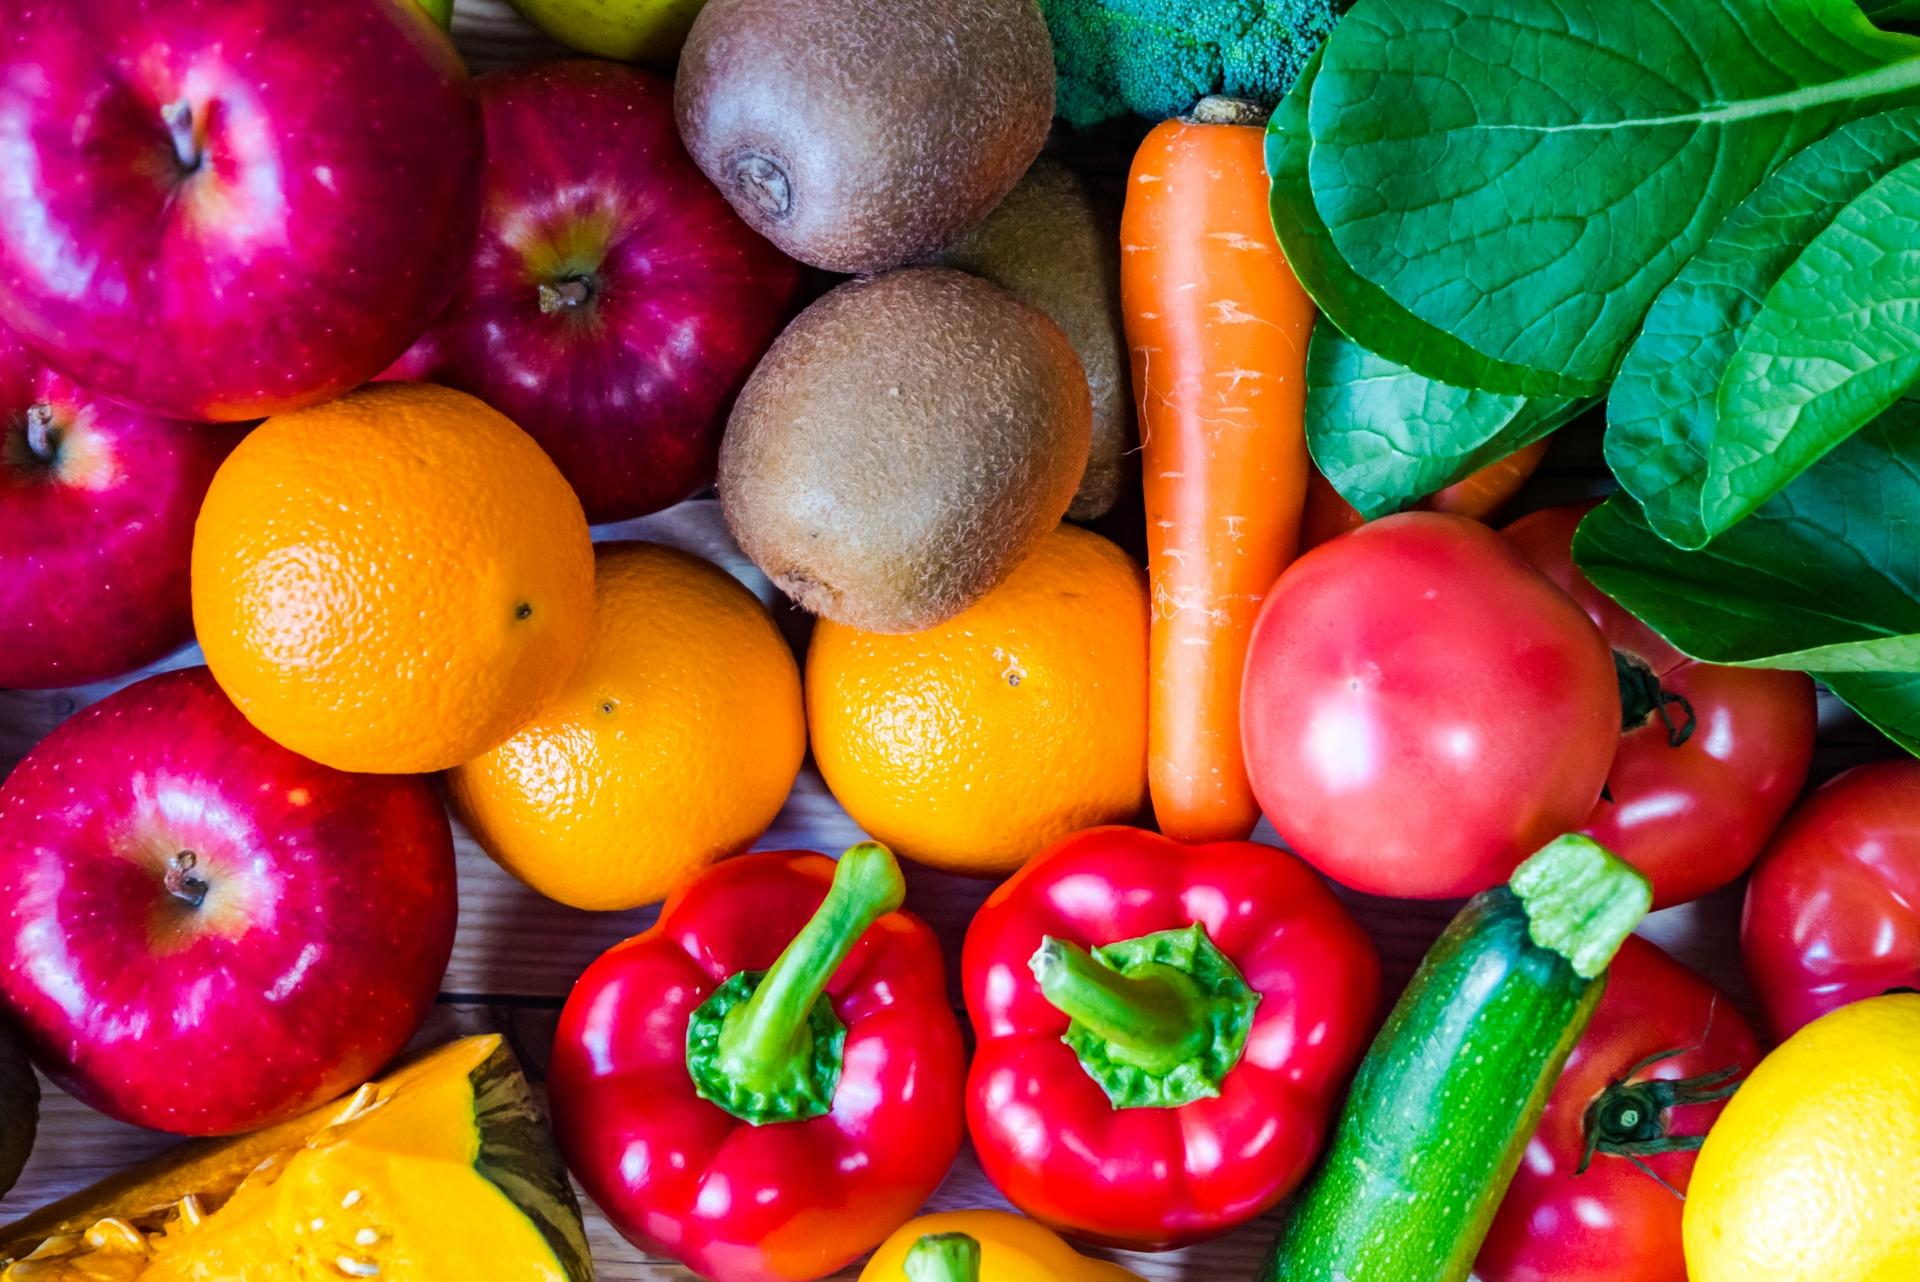 ビタミンCの入っている野菜や果物